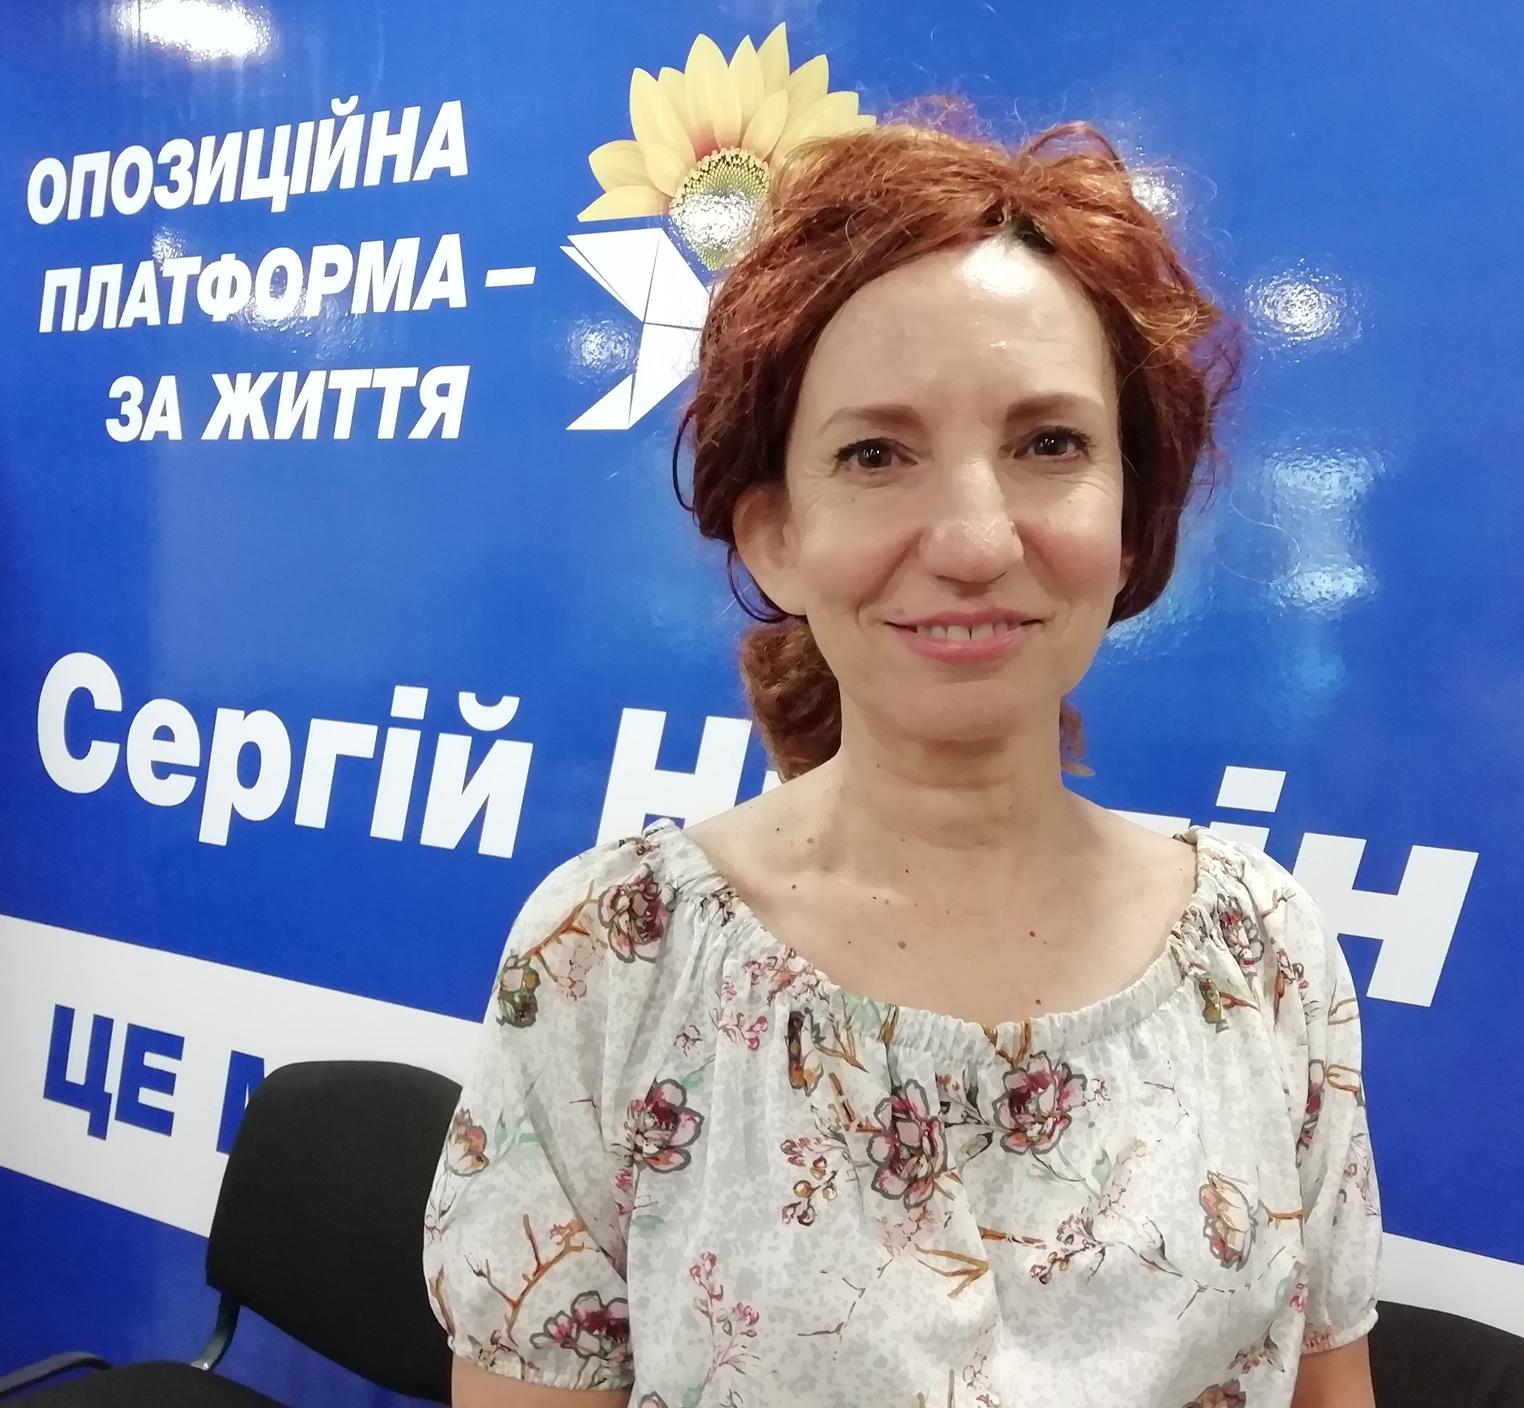 Новости Днепра про Волонтеры поддерживают инициативы «ОП-За жизнь»